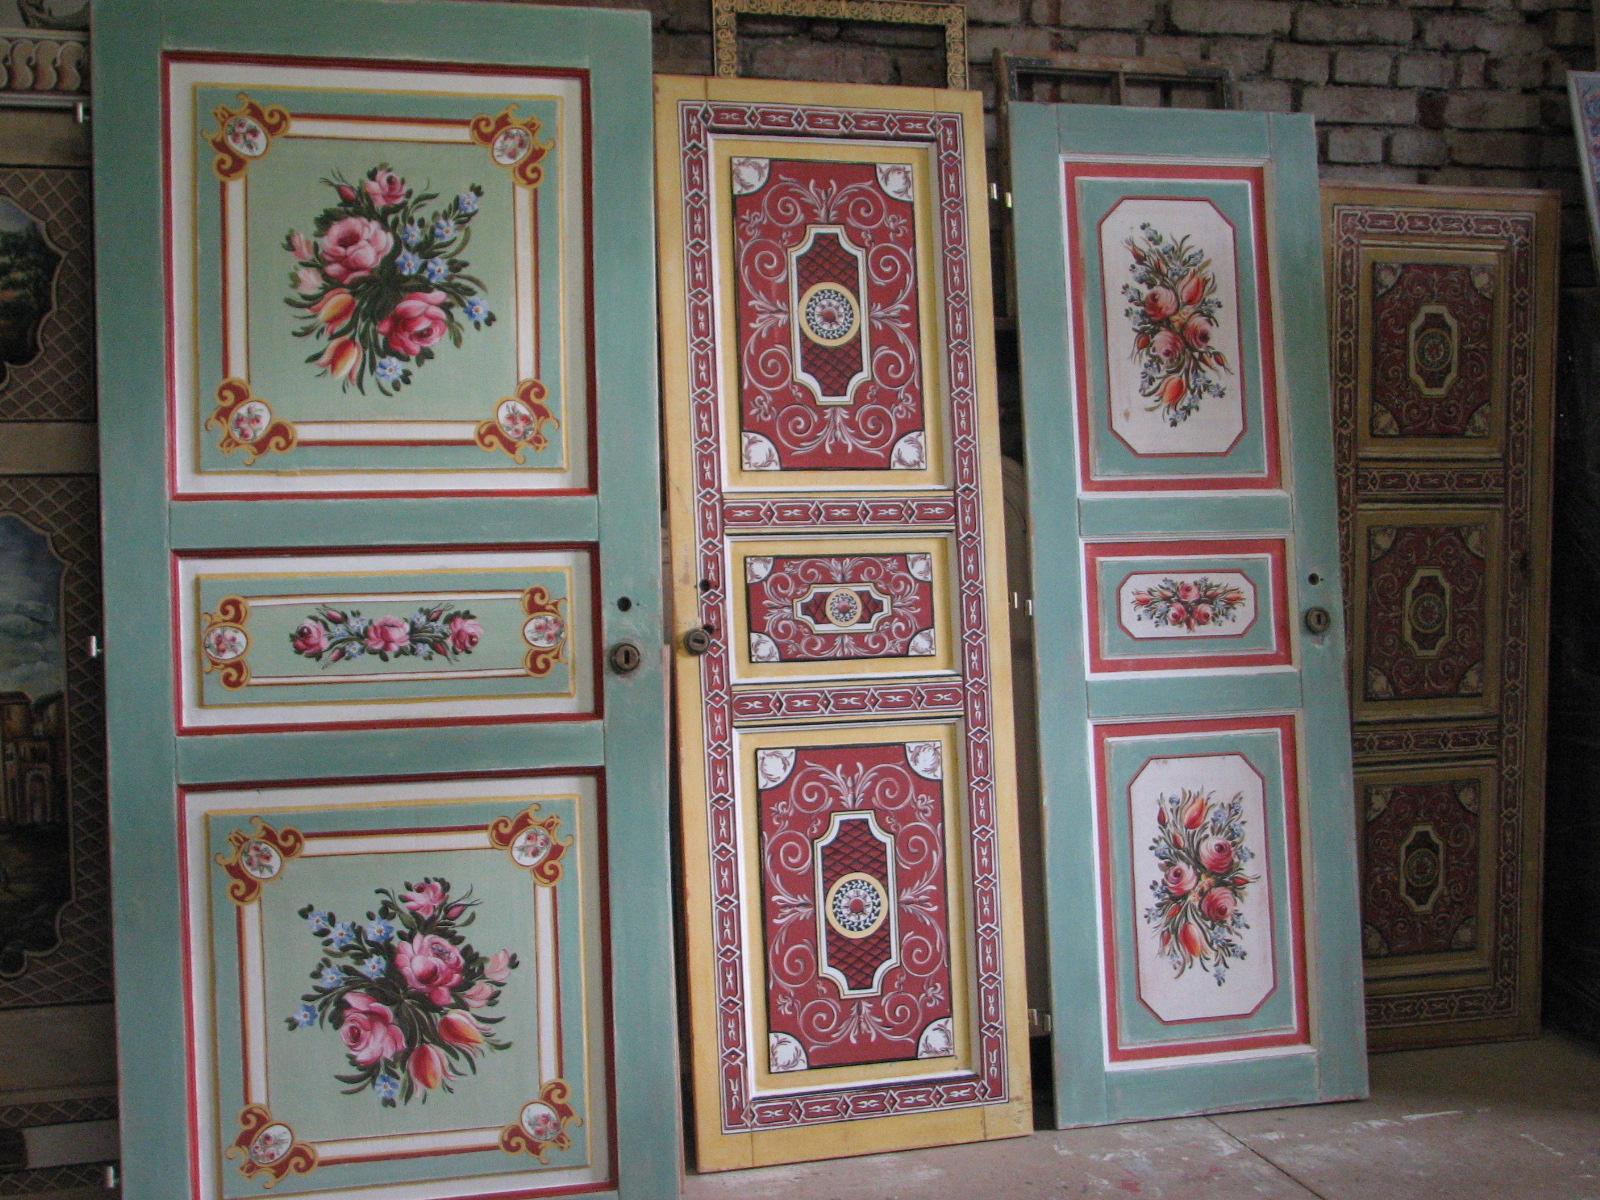 Selské dveře na chalupu s ruční oboustrannou malbou květin a ornamentů